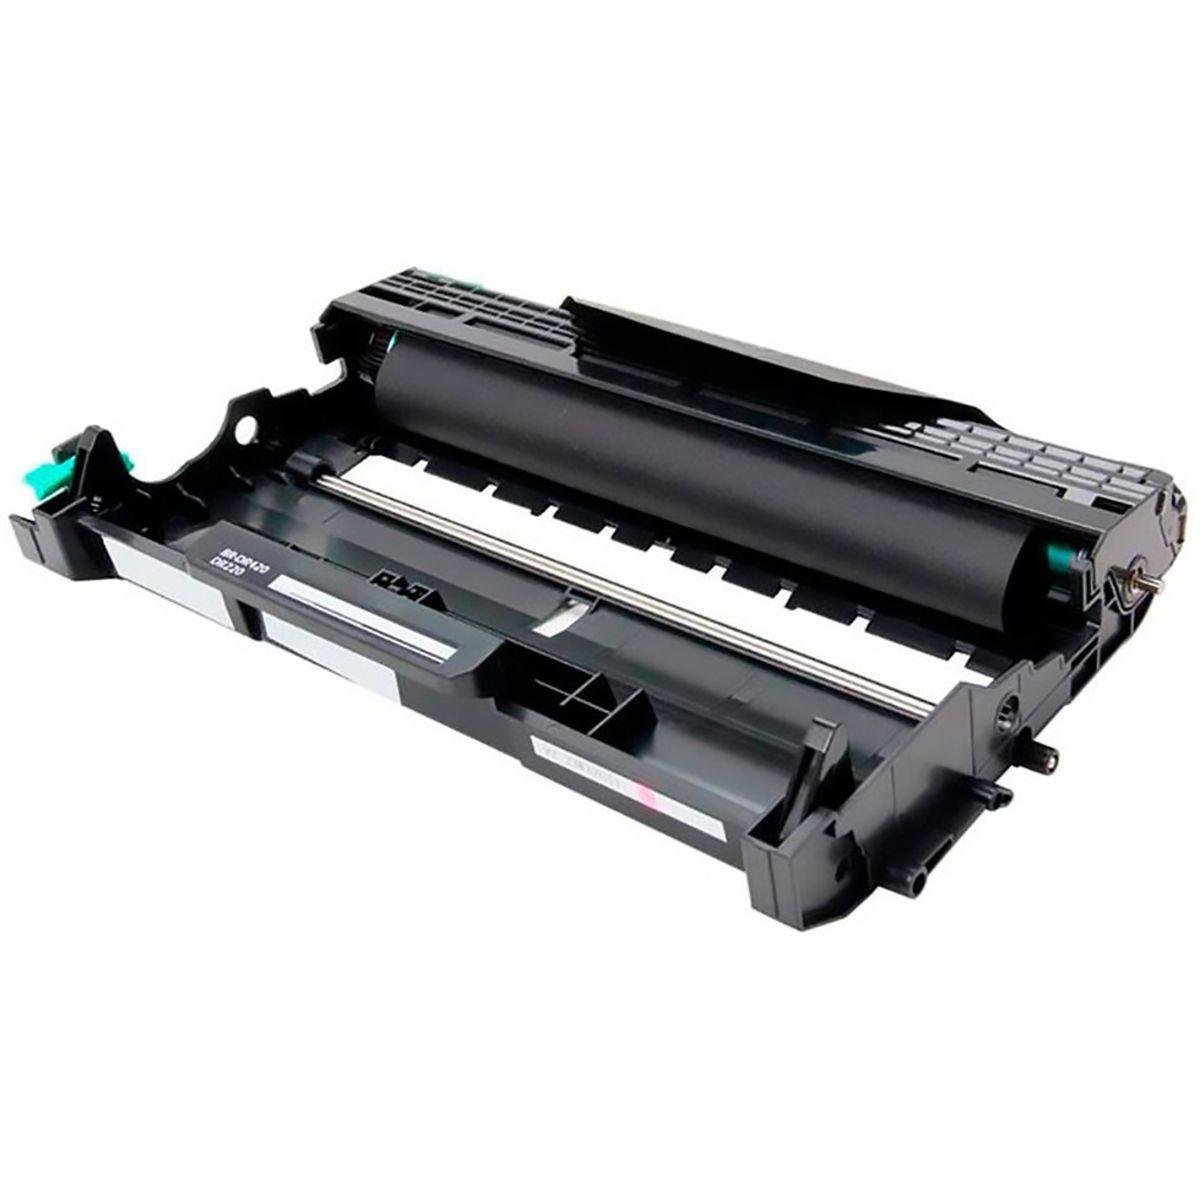 Compatível: Cartucho de Cilindro DR2370 para Brother L2320 L2720 L2740 L2700 L2520 L2360dw L2540dw L2740dw / 10.000